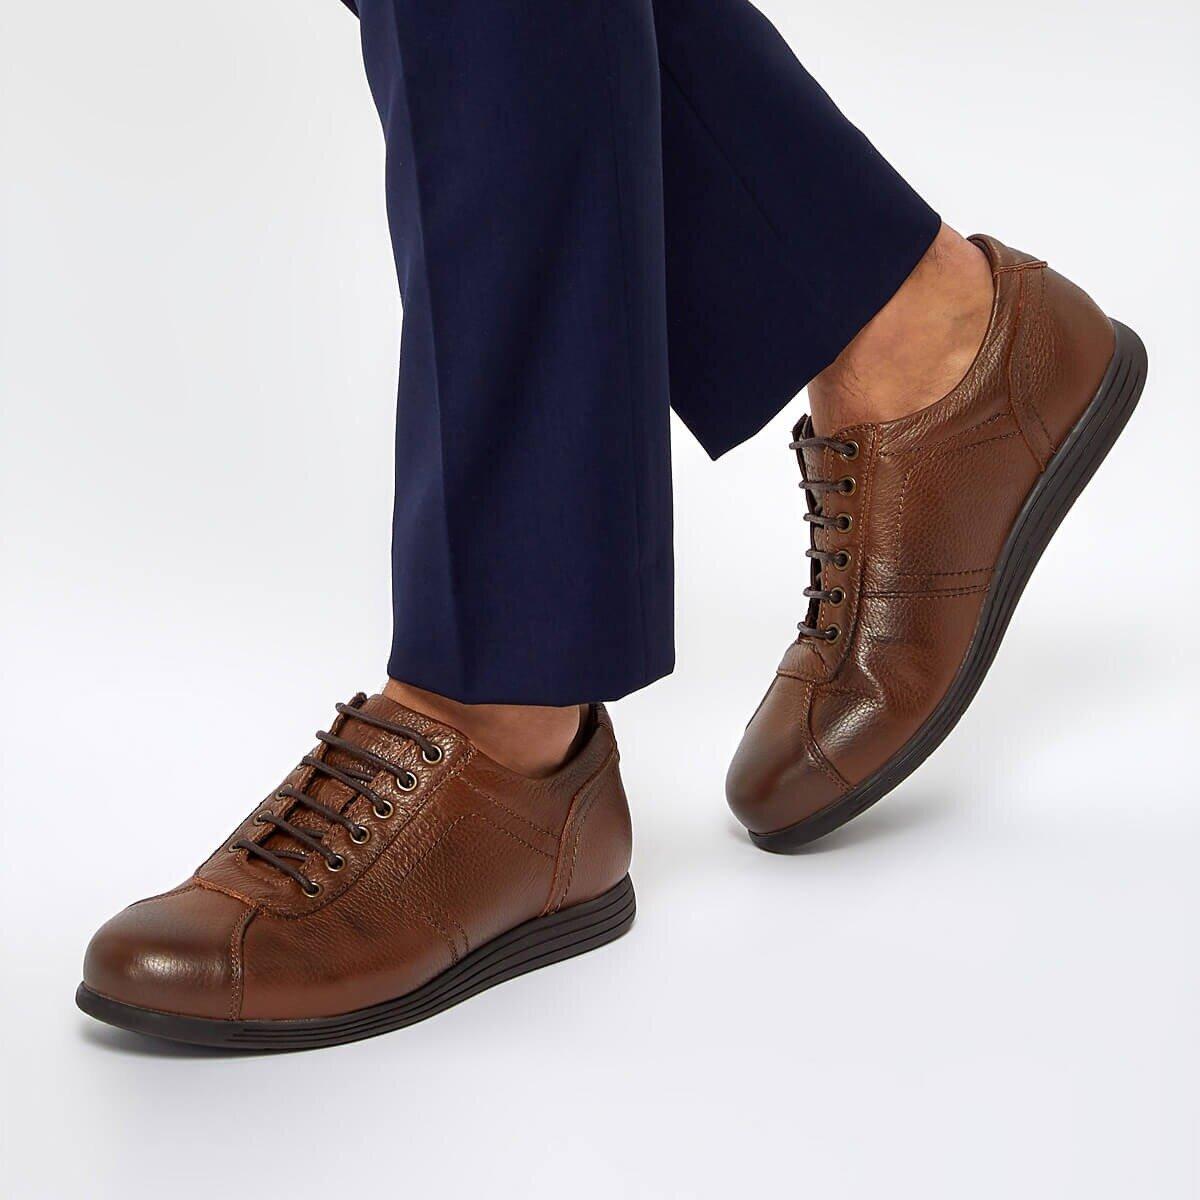 FLO 225044 9PR Tan Men Sneaker Shoes By Dockers The Gerle